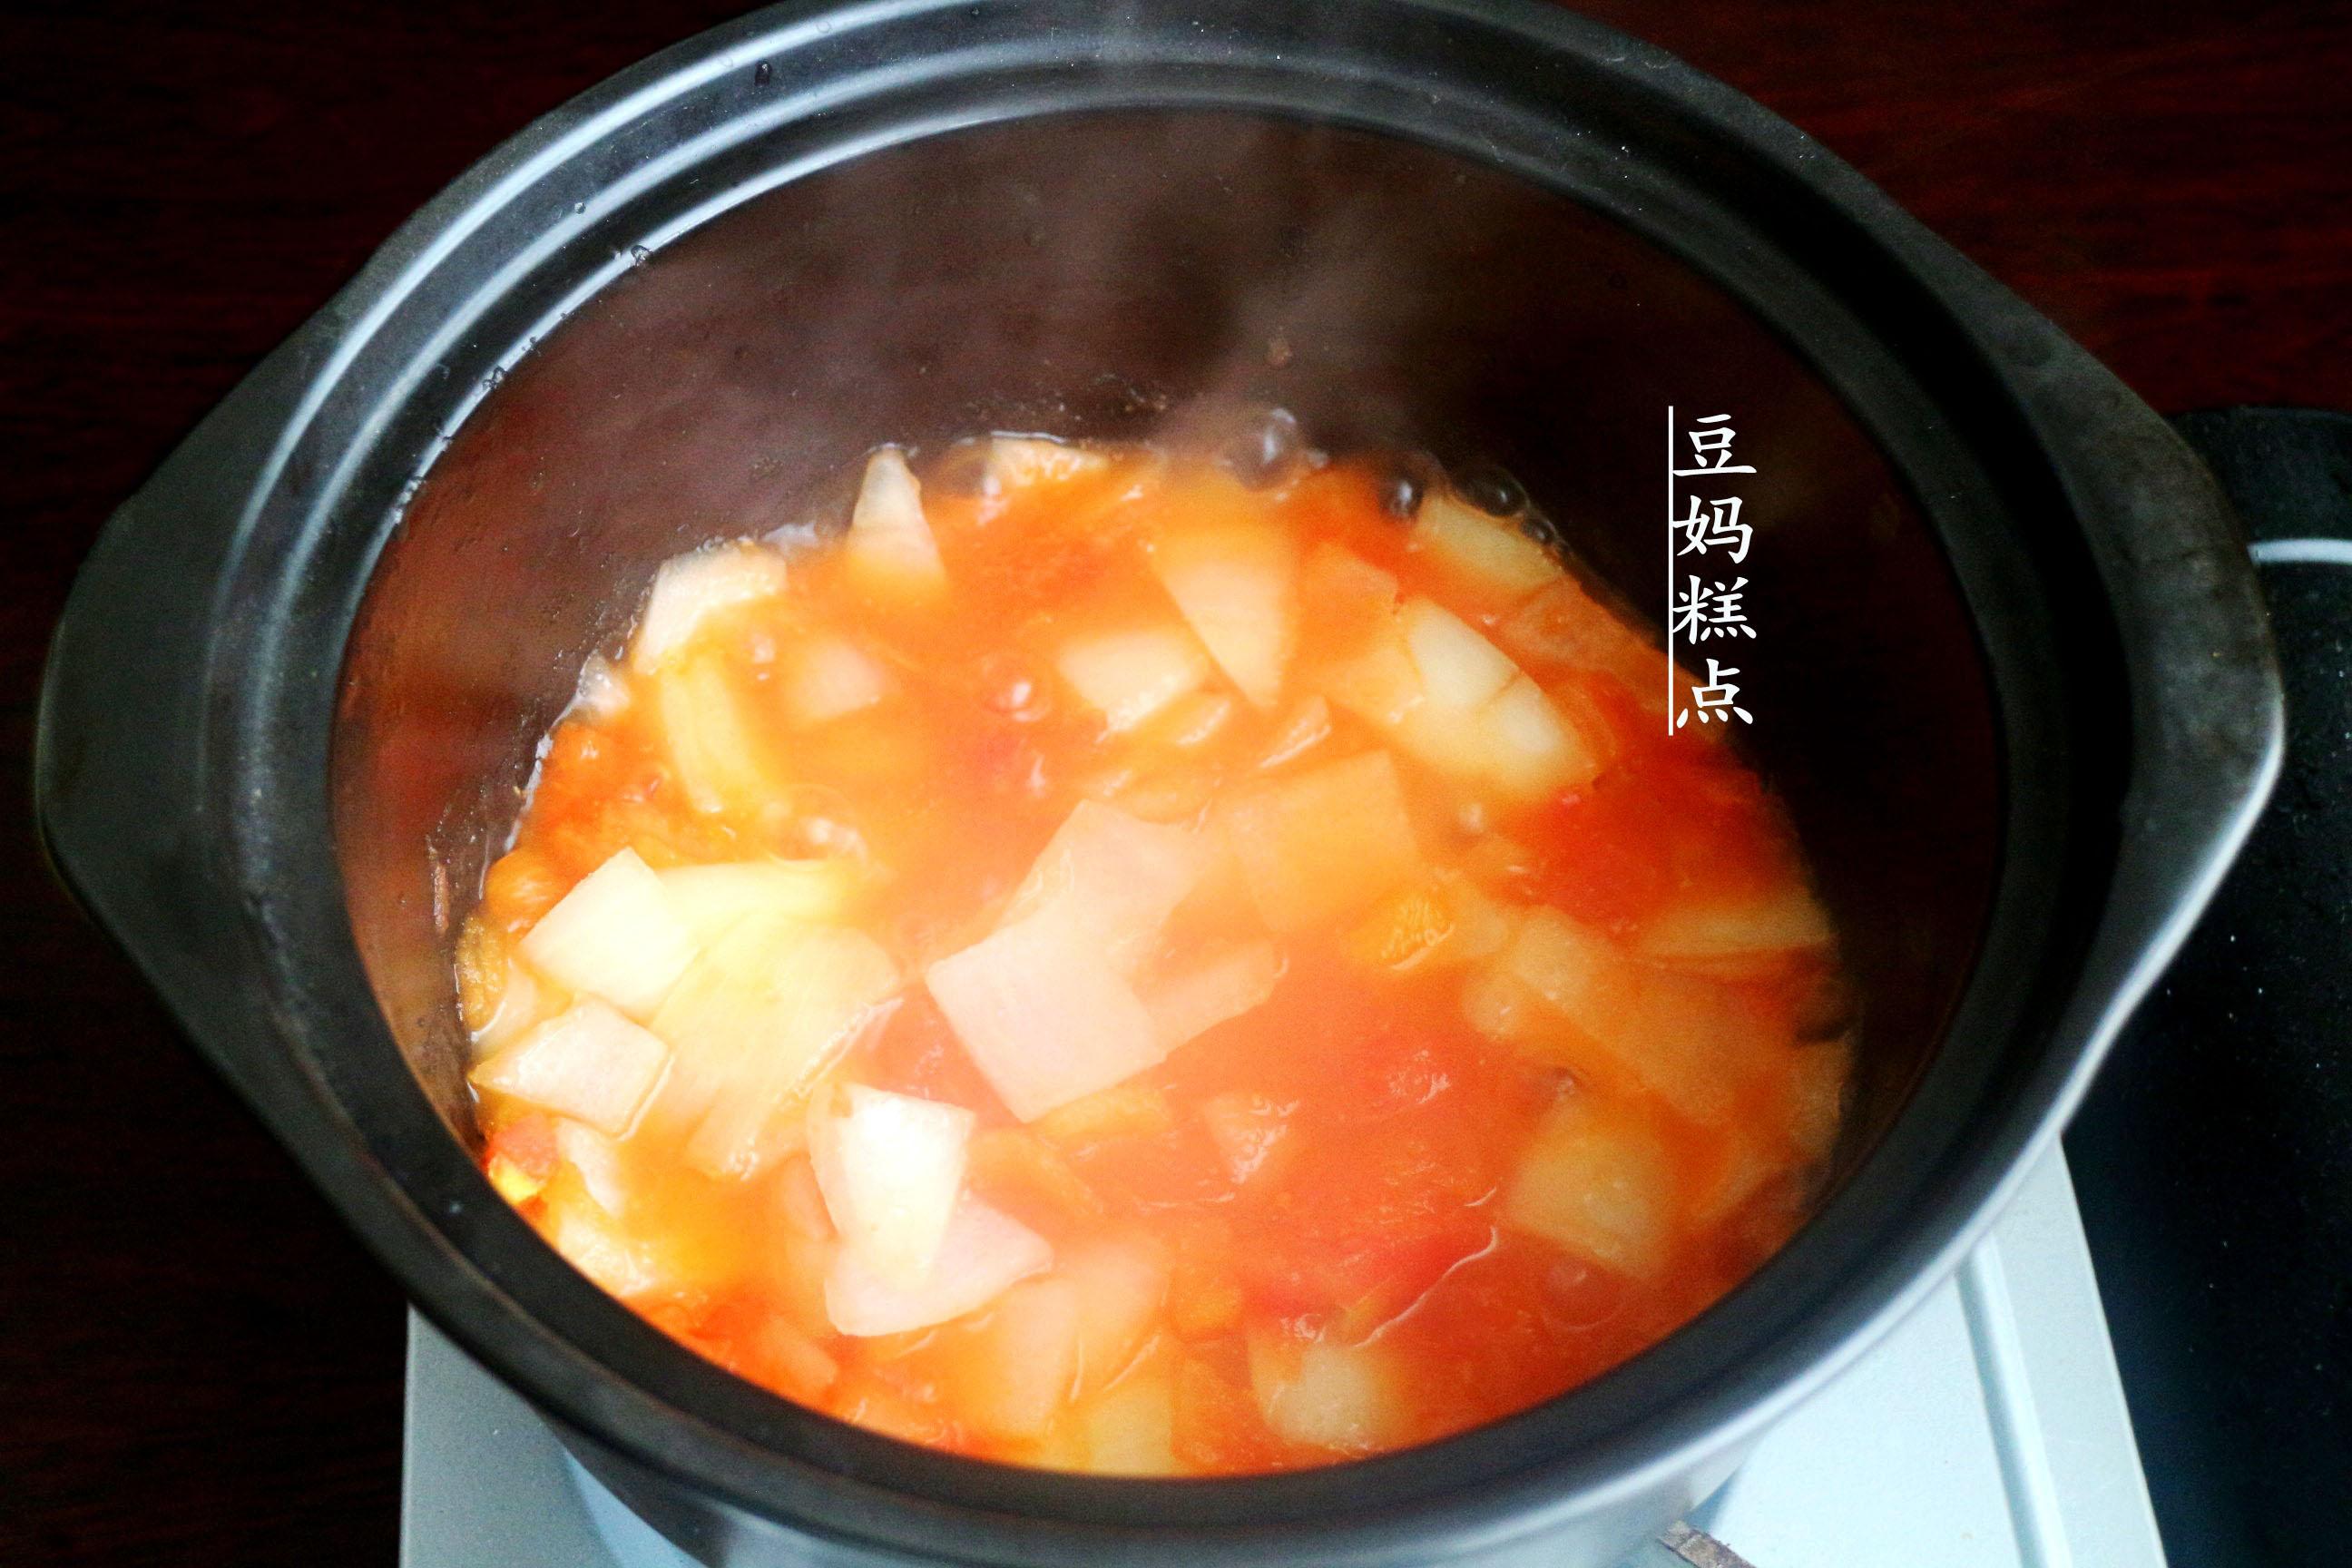 学做瘦身蔬菜汤,健康瘦身,营养不缺 减肥菜谱 第4张